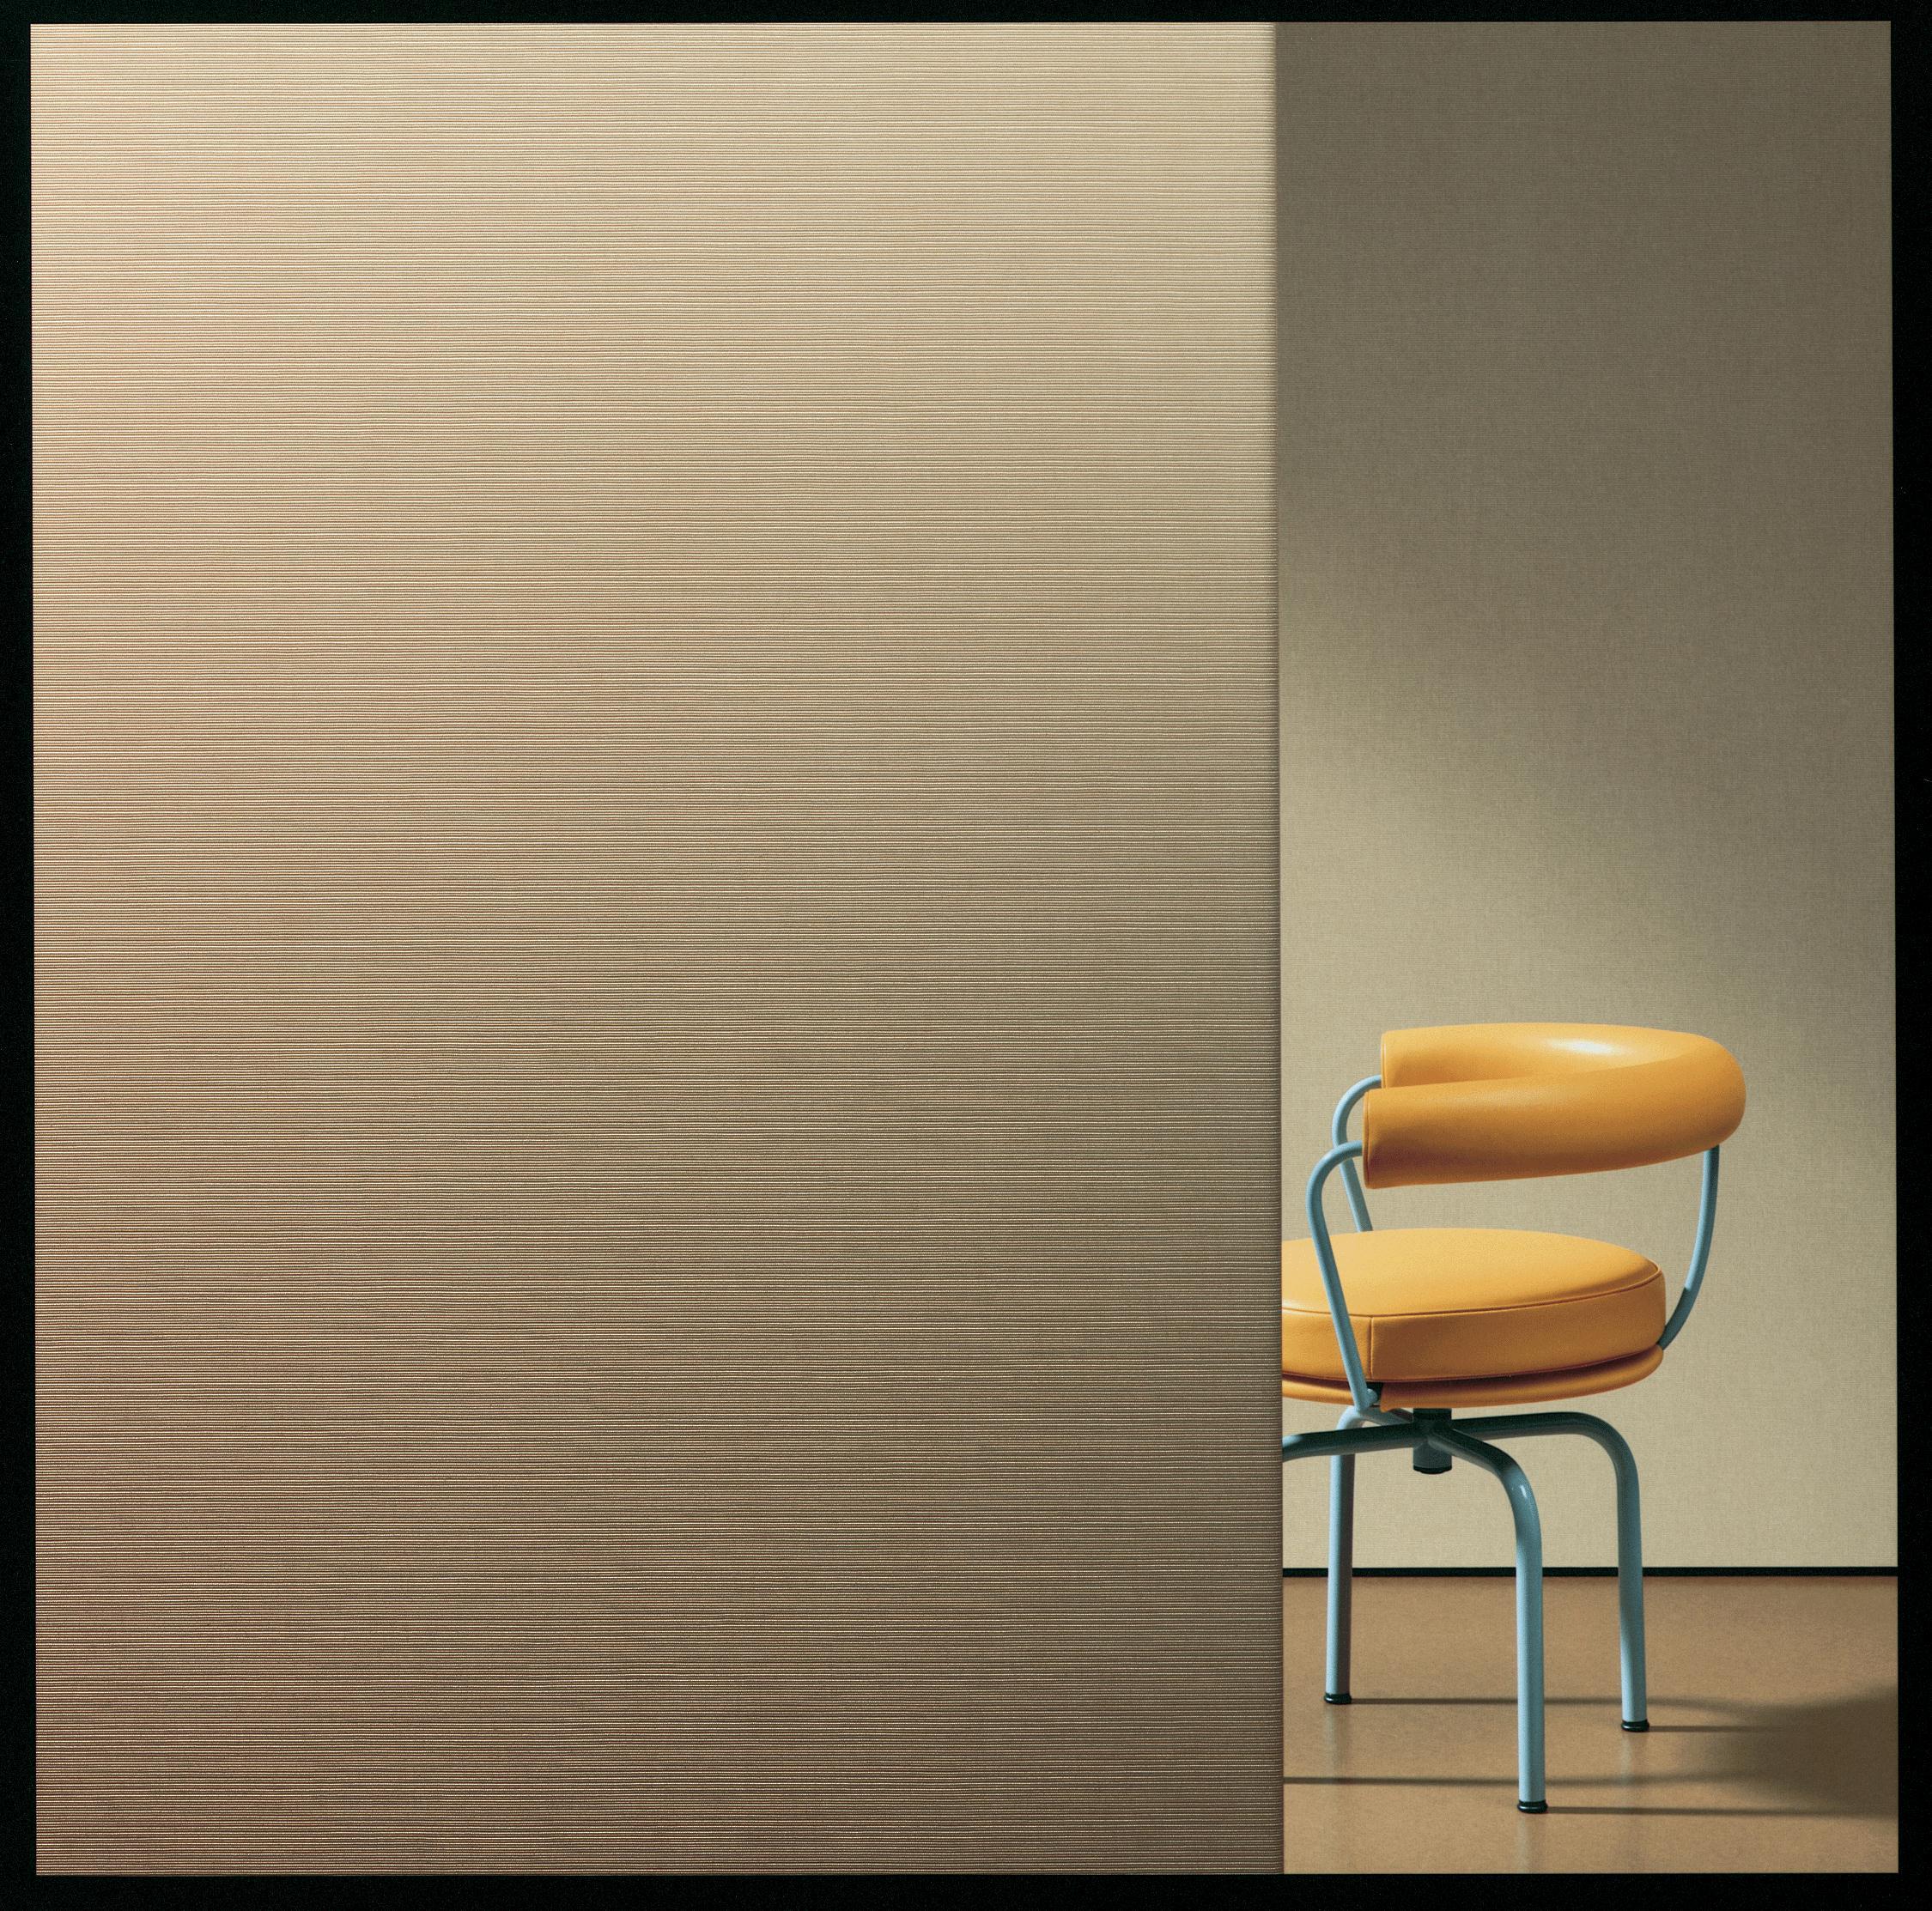 Vescom revestimientos murales instaladoresonline - Revestimiento vinilico para paredes ...